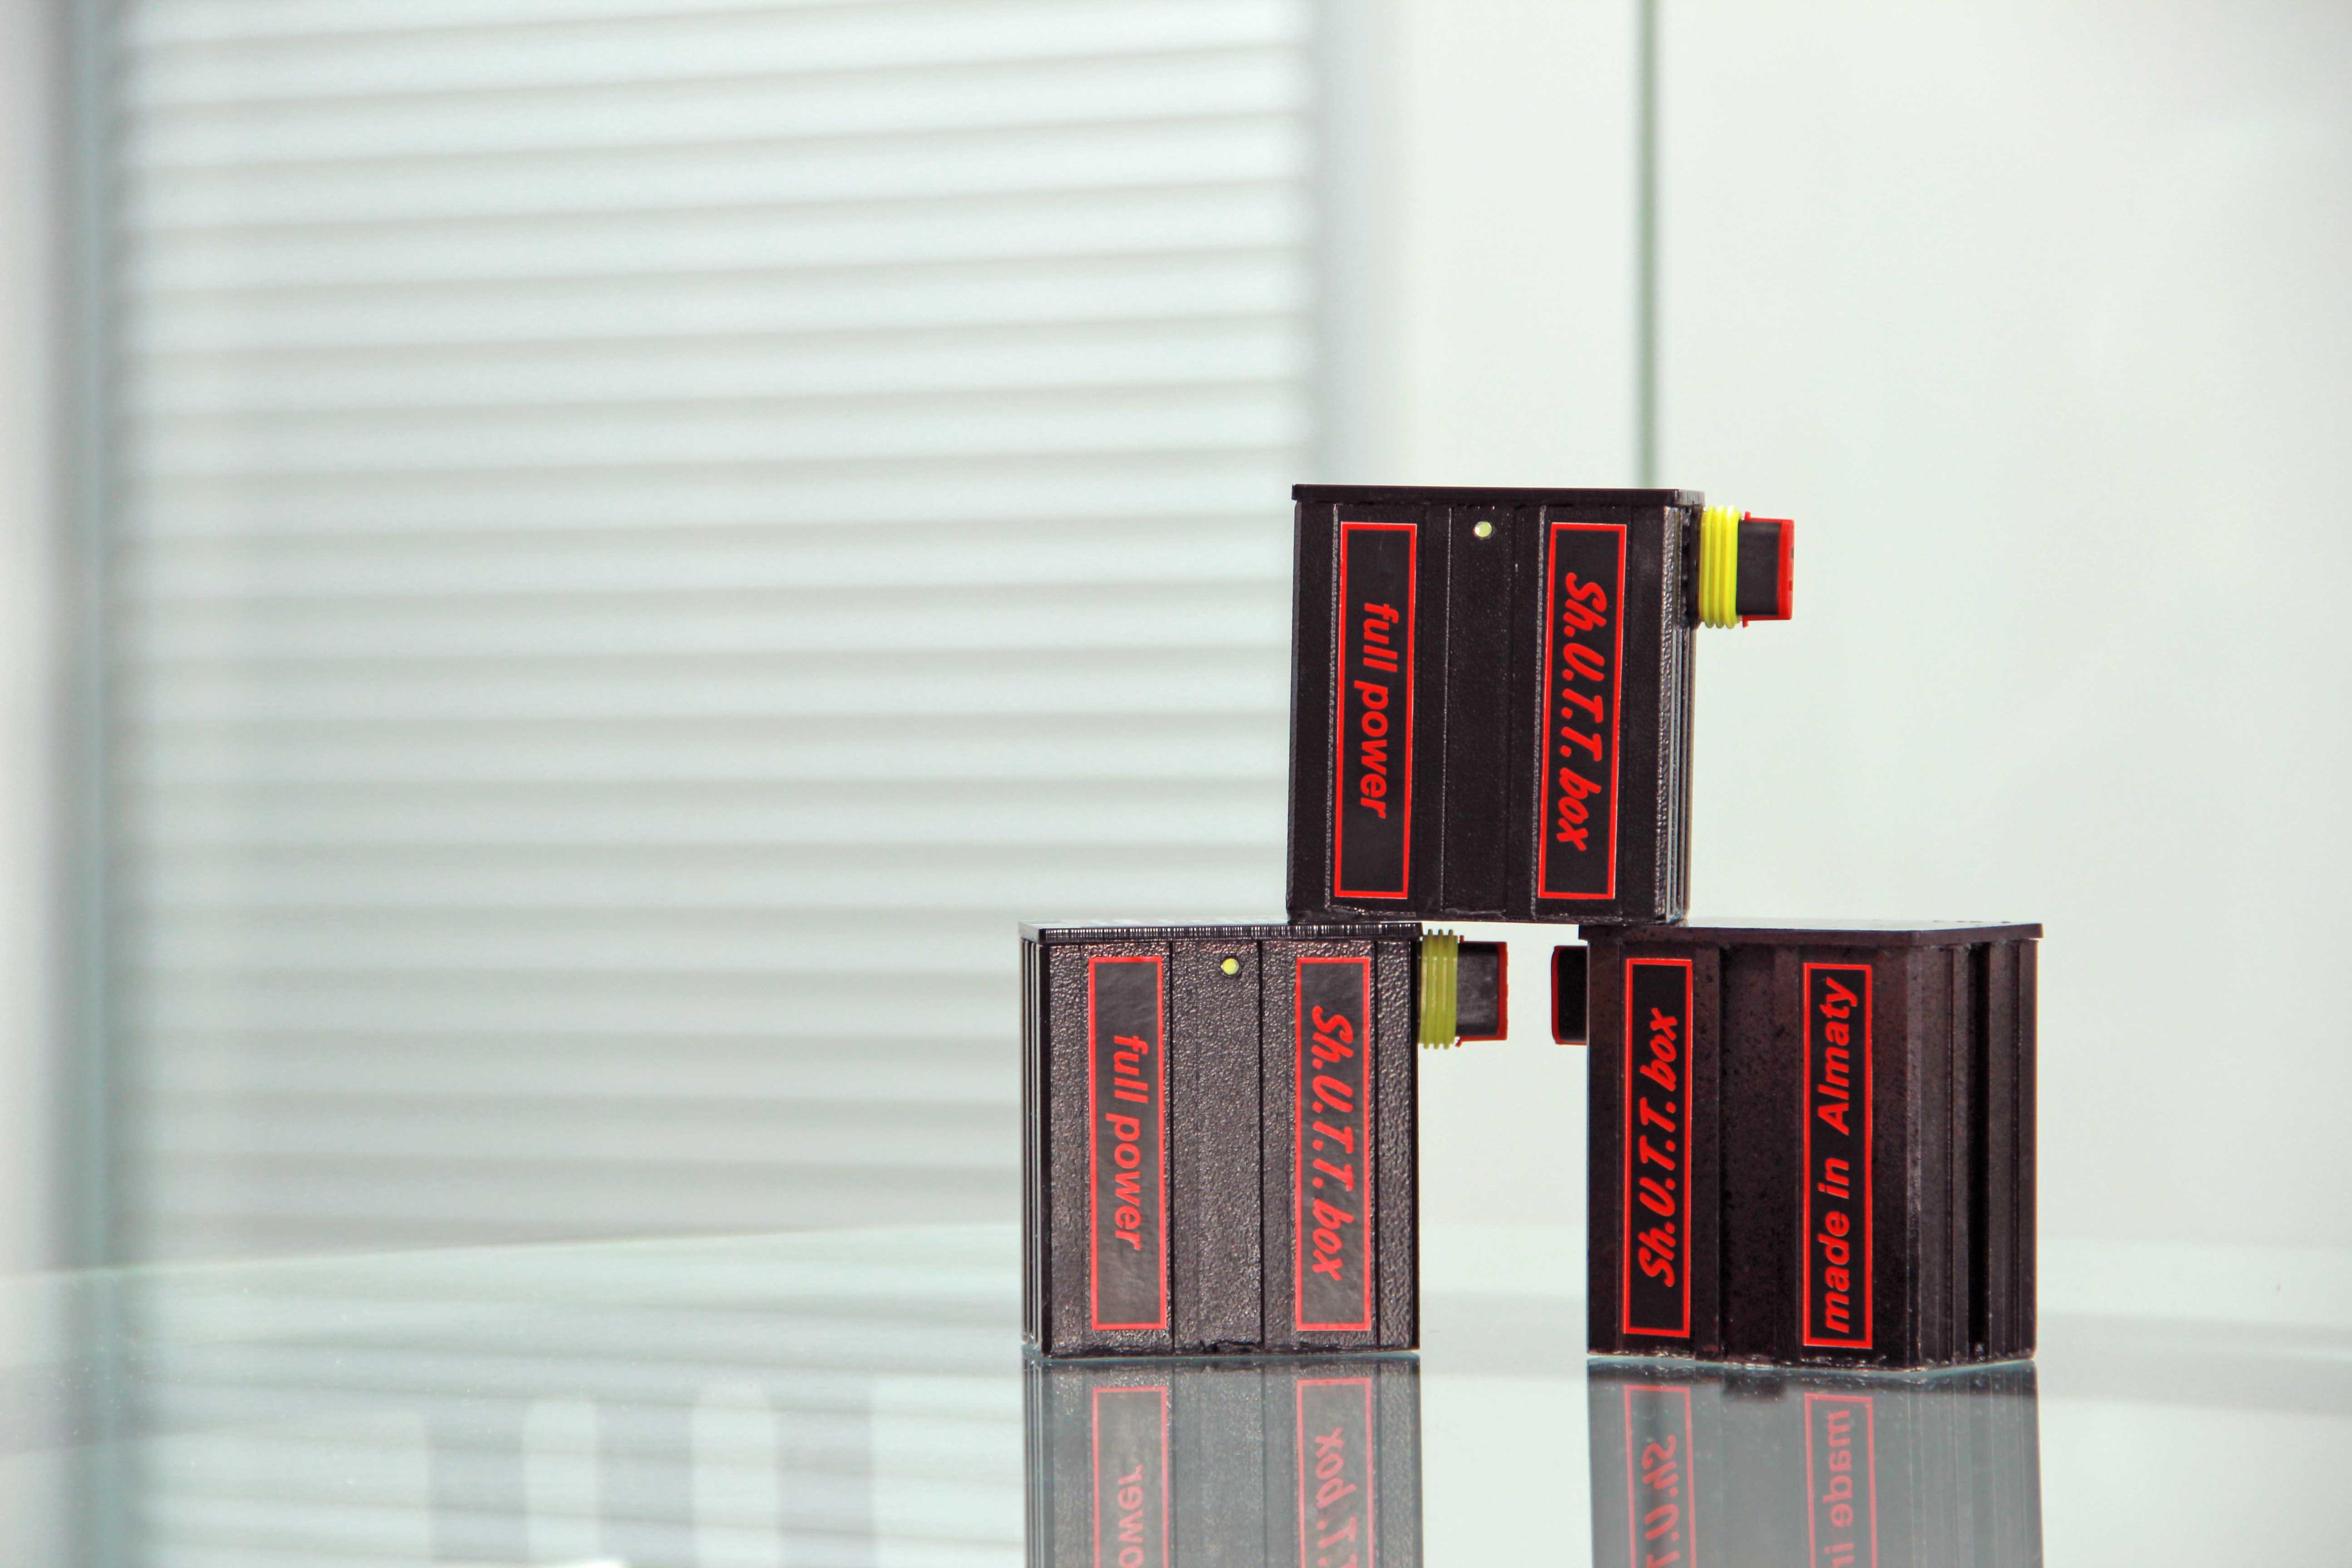 SHUTT BOX-генератор - устройство для экономии топлива и прибавки мощности автомобилю